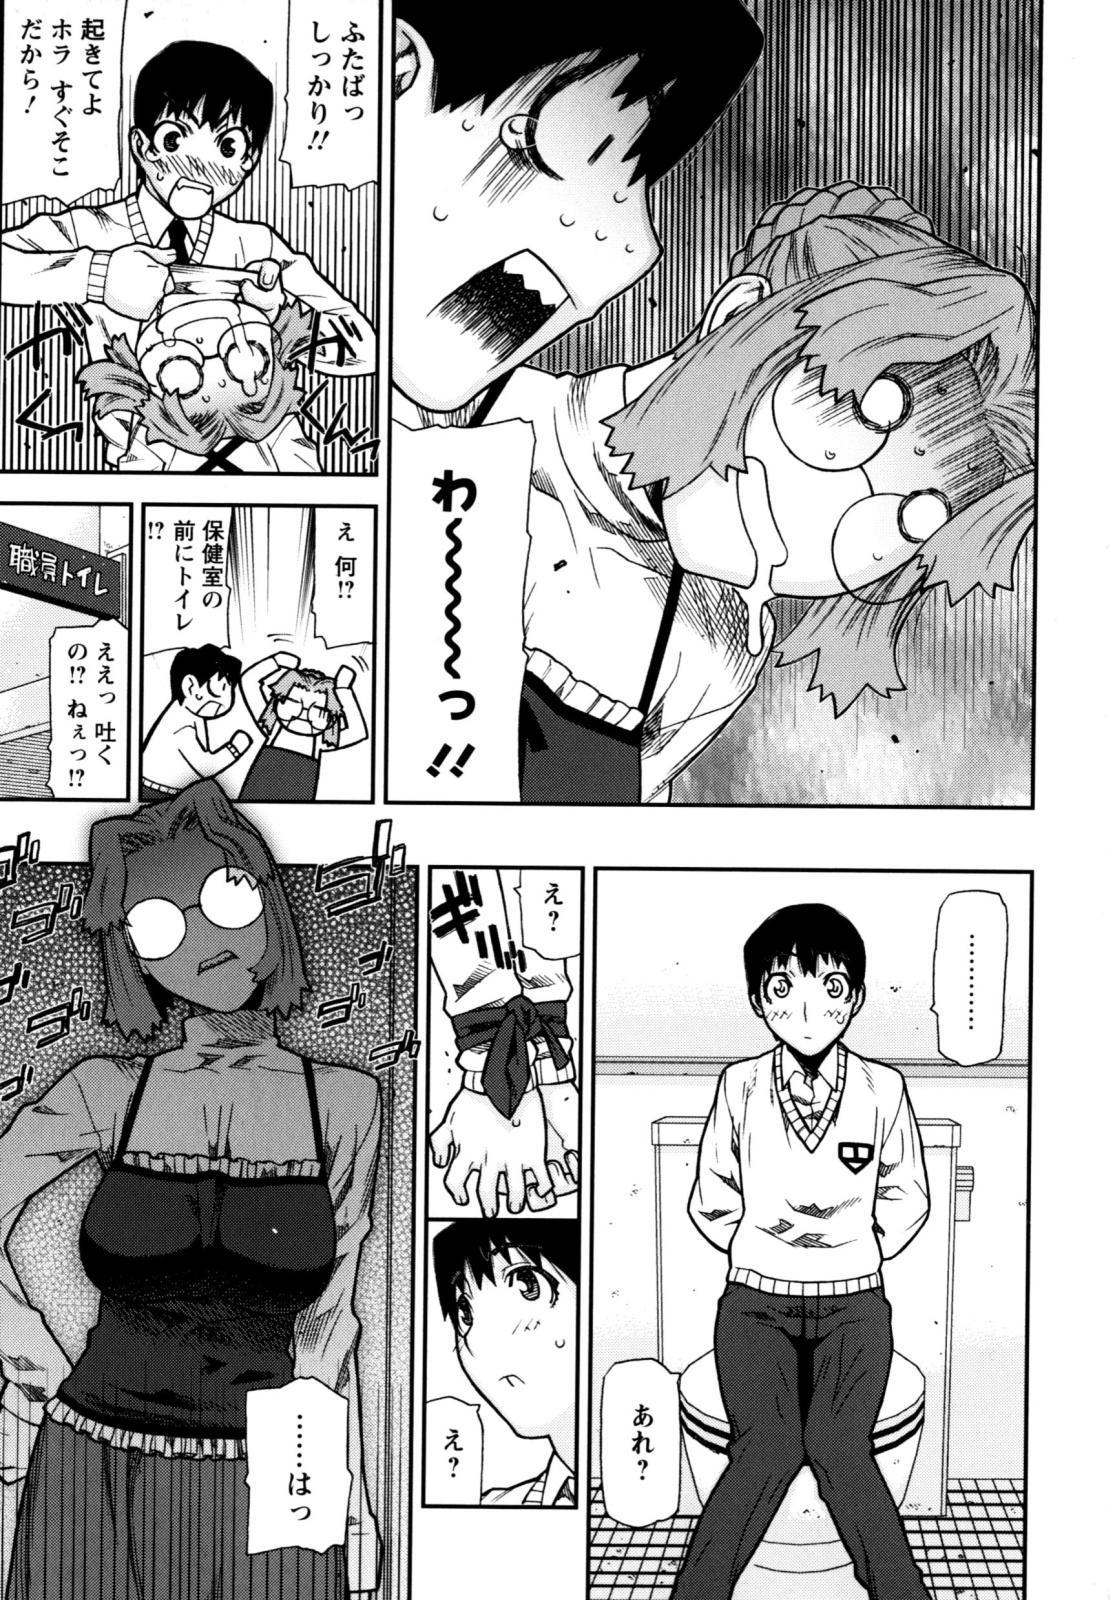 Fukuro no Nakami 16